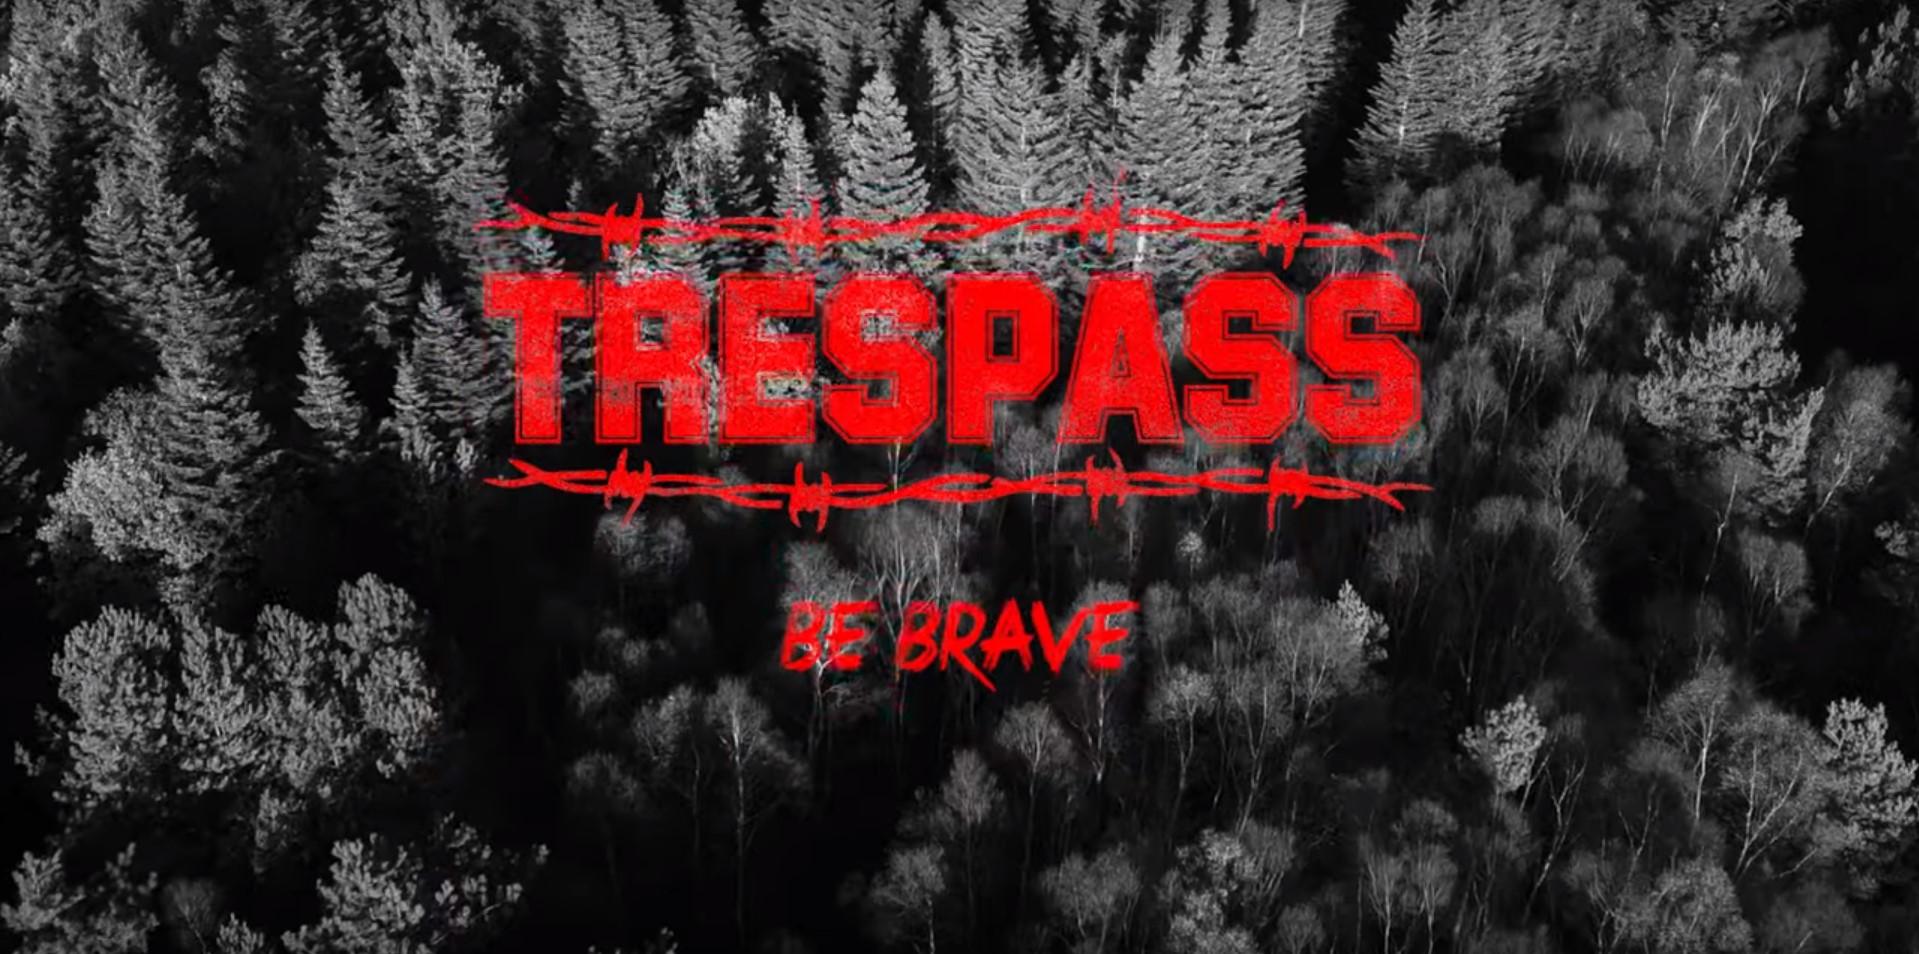 """Premiere: Tresspass """"Be Brave"""""""